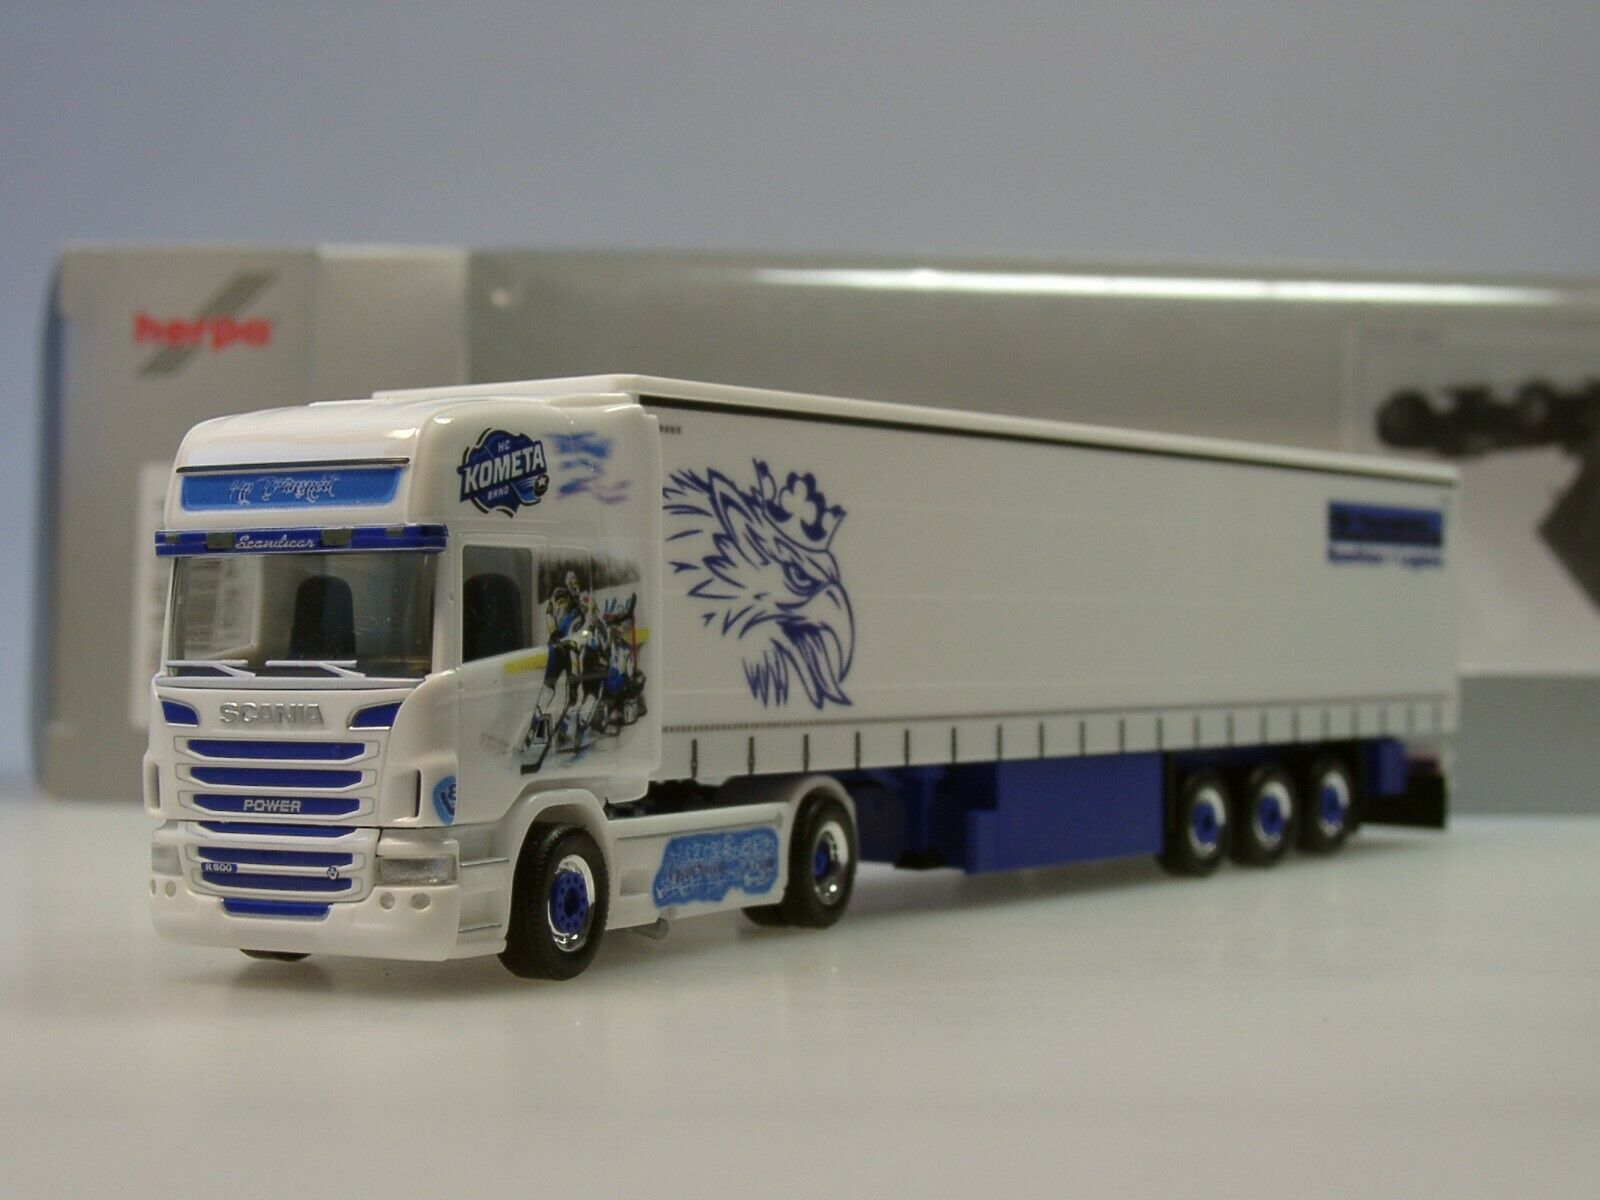 barato en alta calidad Herpa scania R R R 09 TL, transped Kometa - 914574 - 1 87  diseños exclusivos